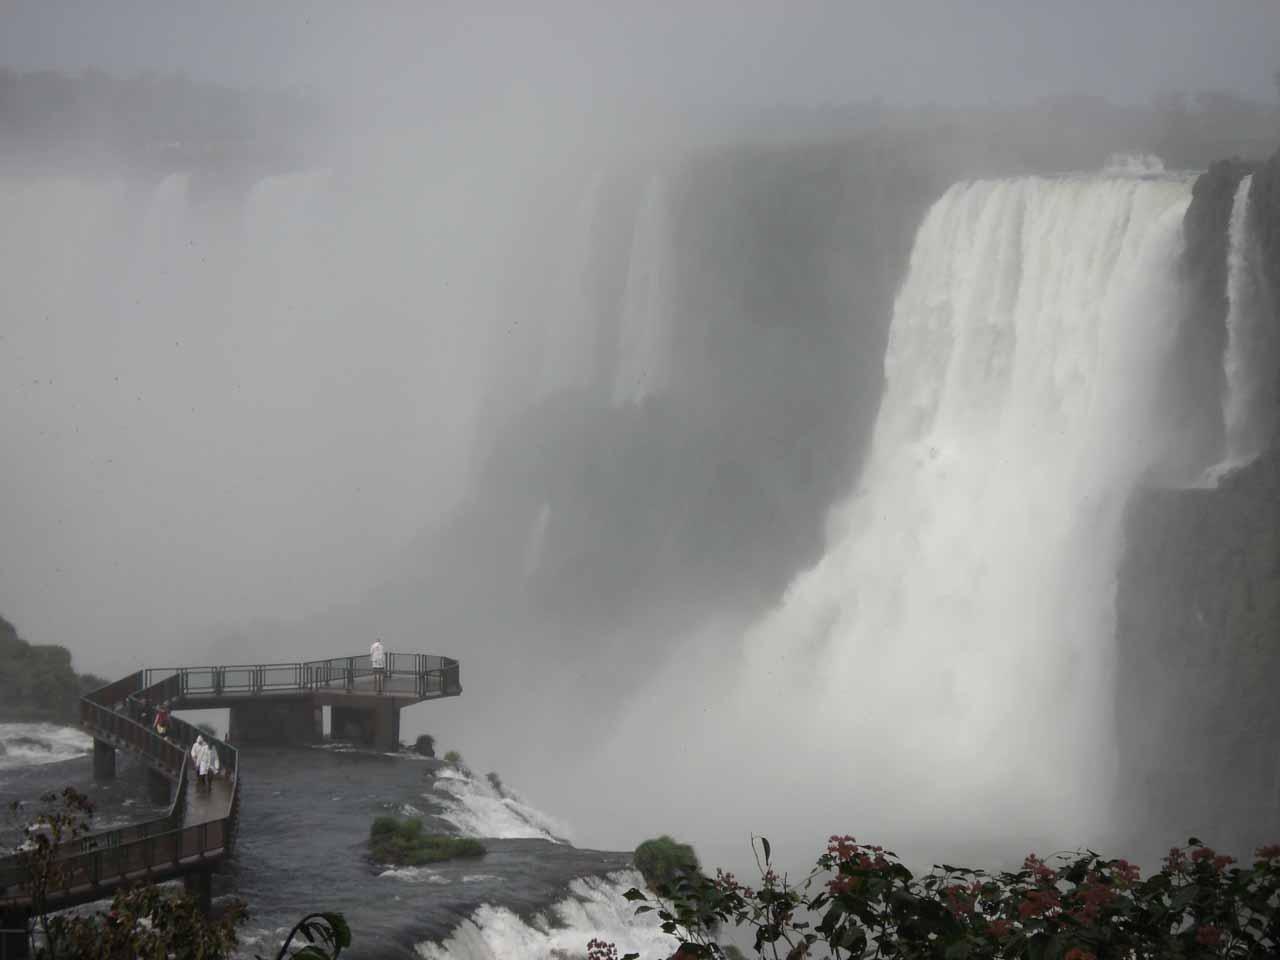 The immense scale of Iguazu Falls